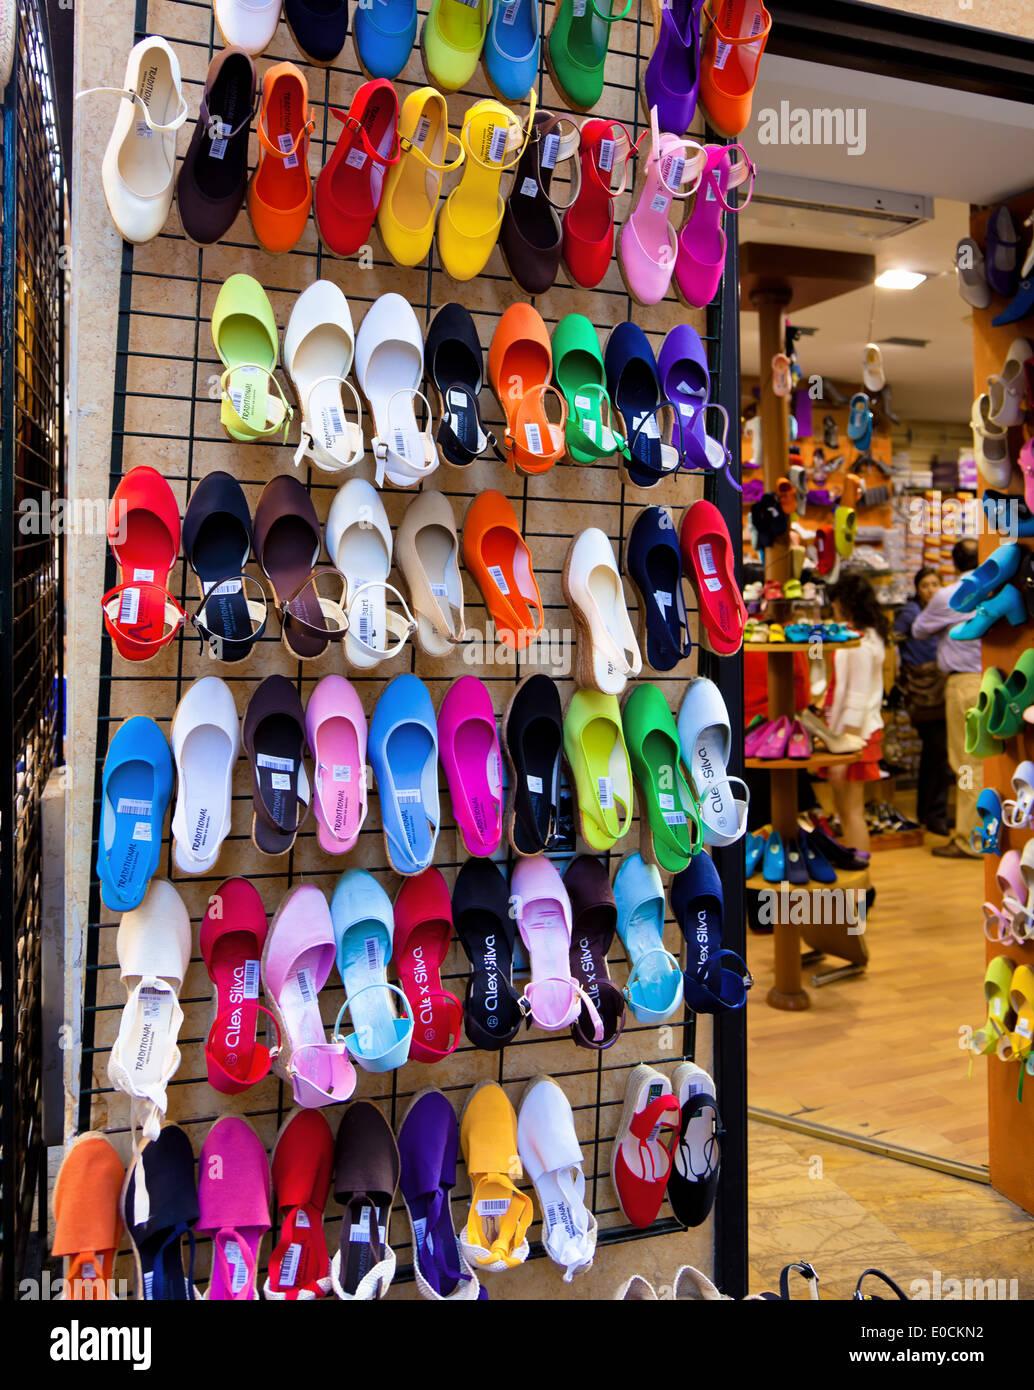 3f4b2404ac4533 Molte scarpe colorate nella vetrina di un negozio calzatura.